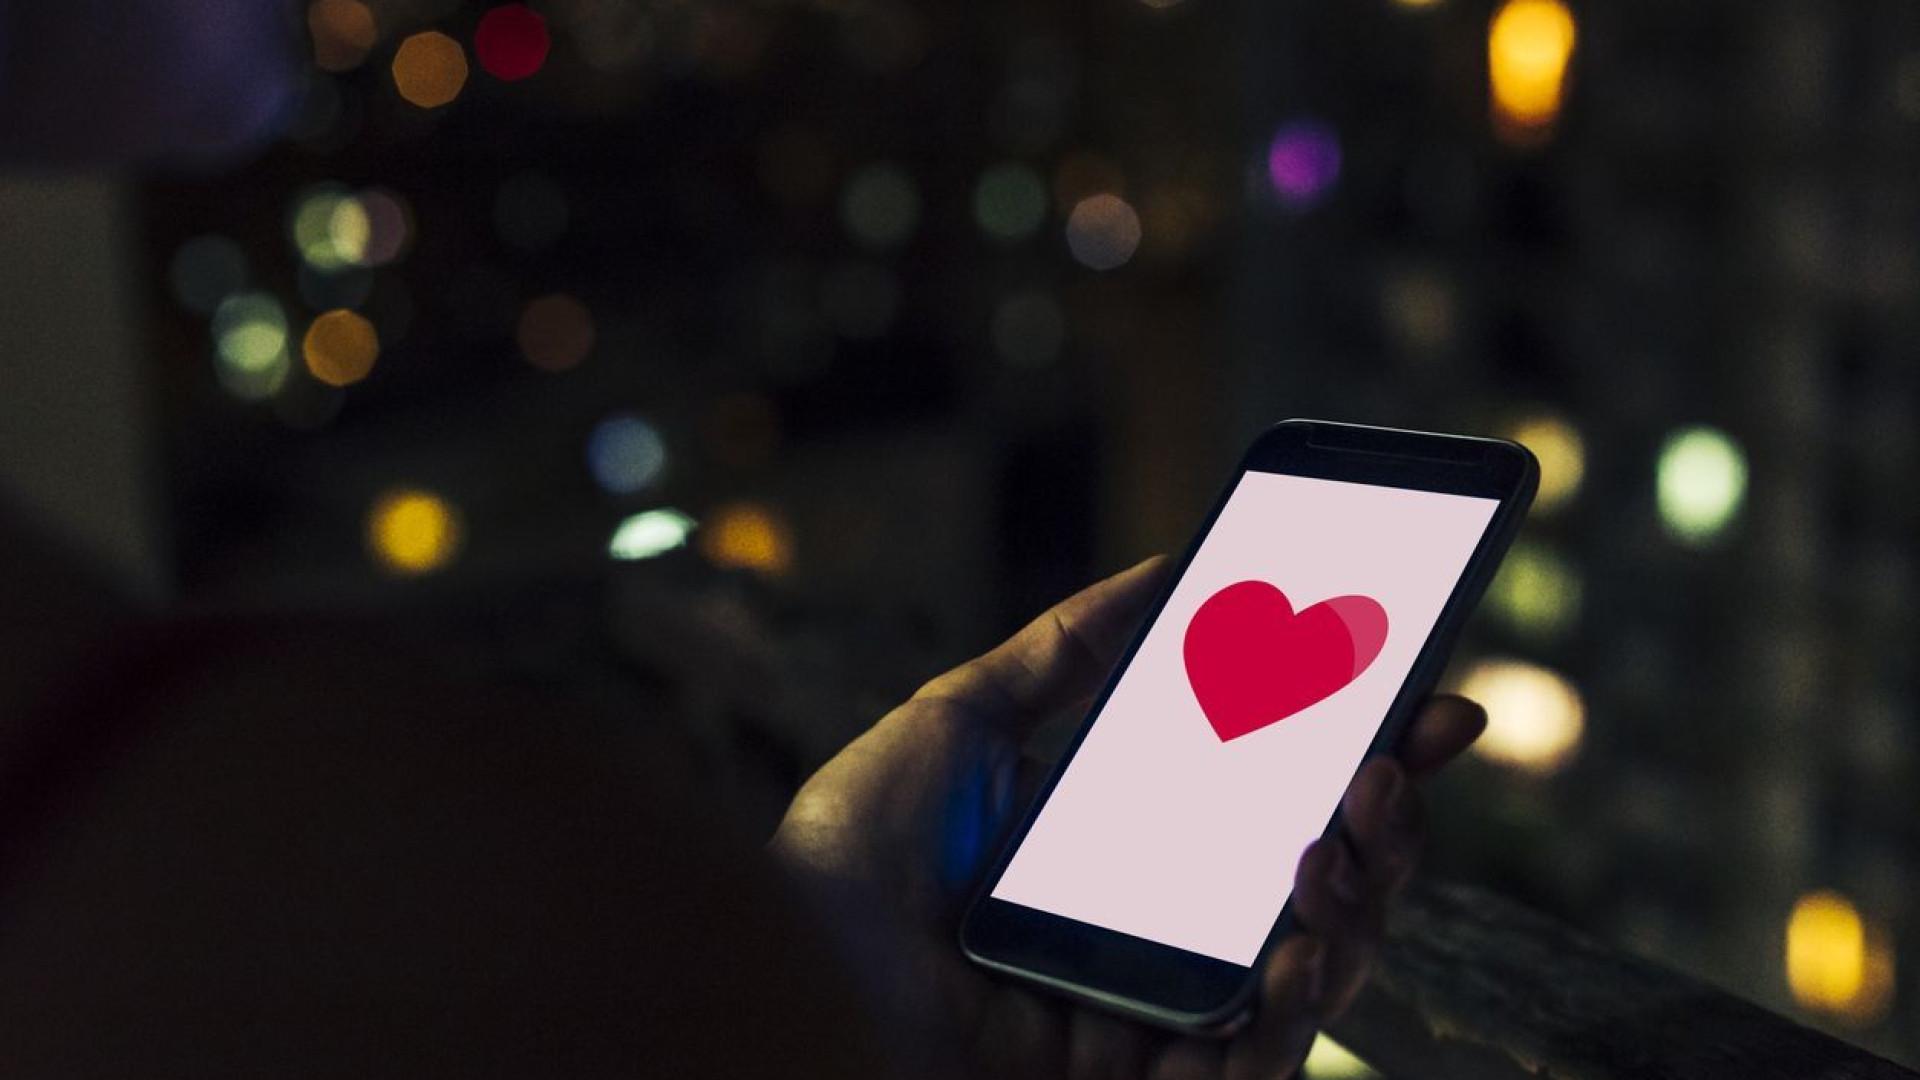 À procura de um relacionamento? Apps podem te ajudar